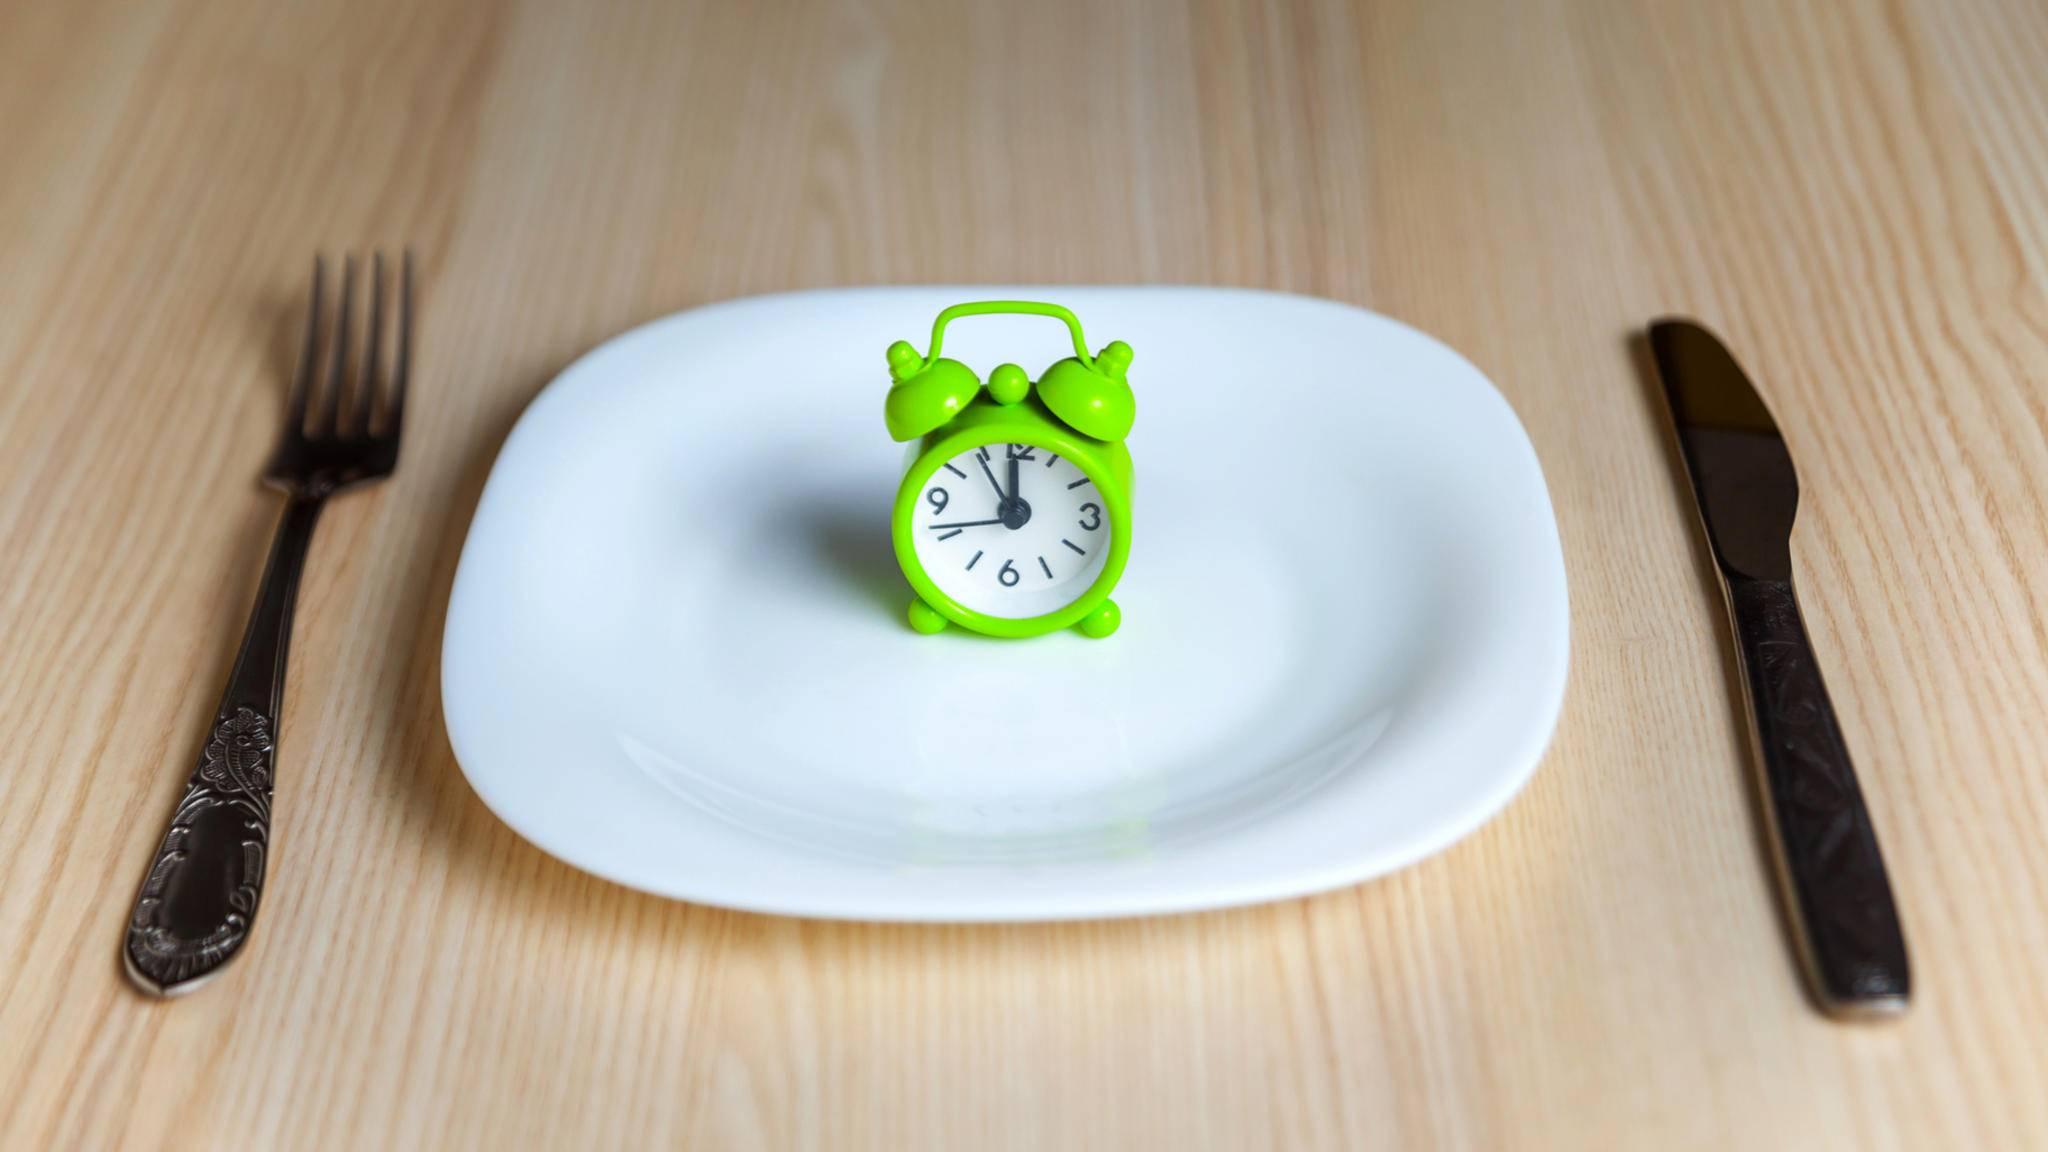 Beim Intervallfasten wird die Kalorienzufuhr an bestimmten Tagen streng gedrosselt.